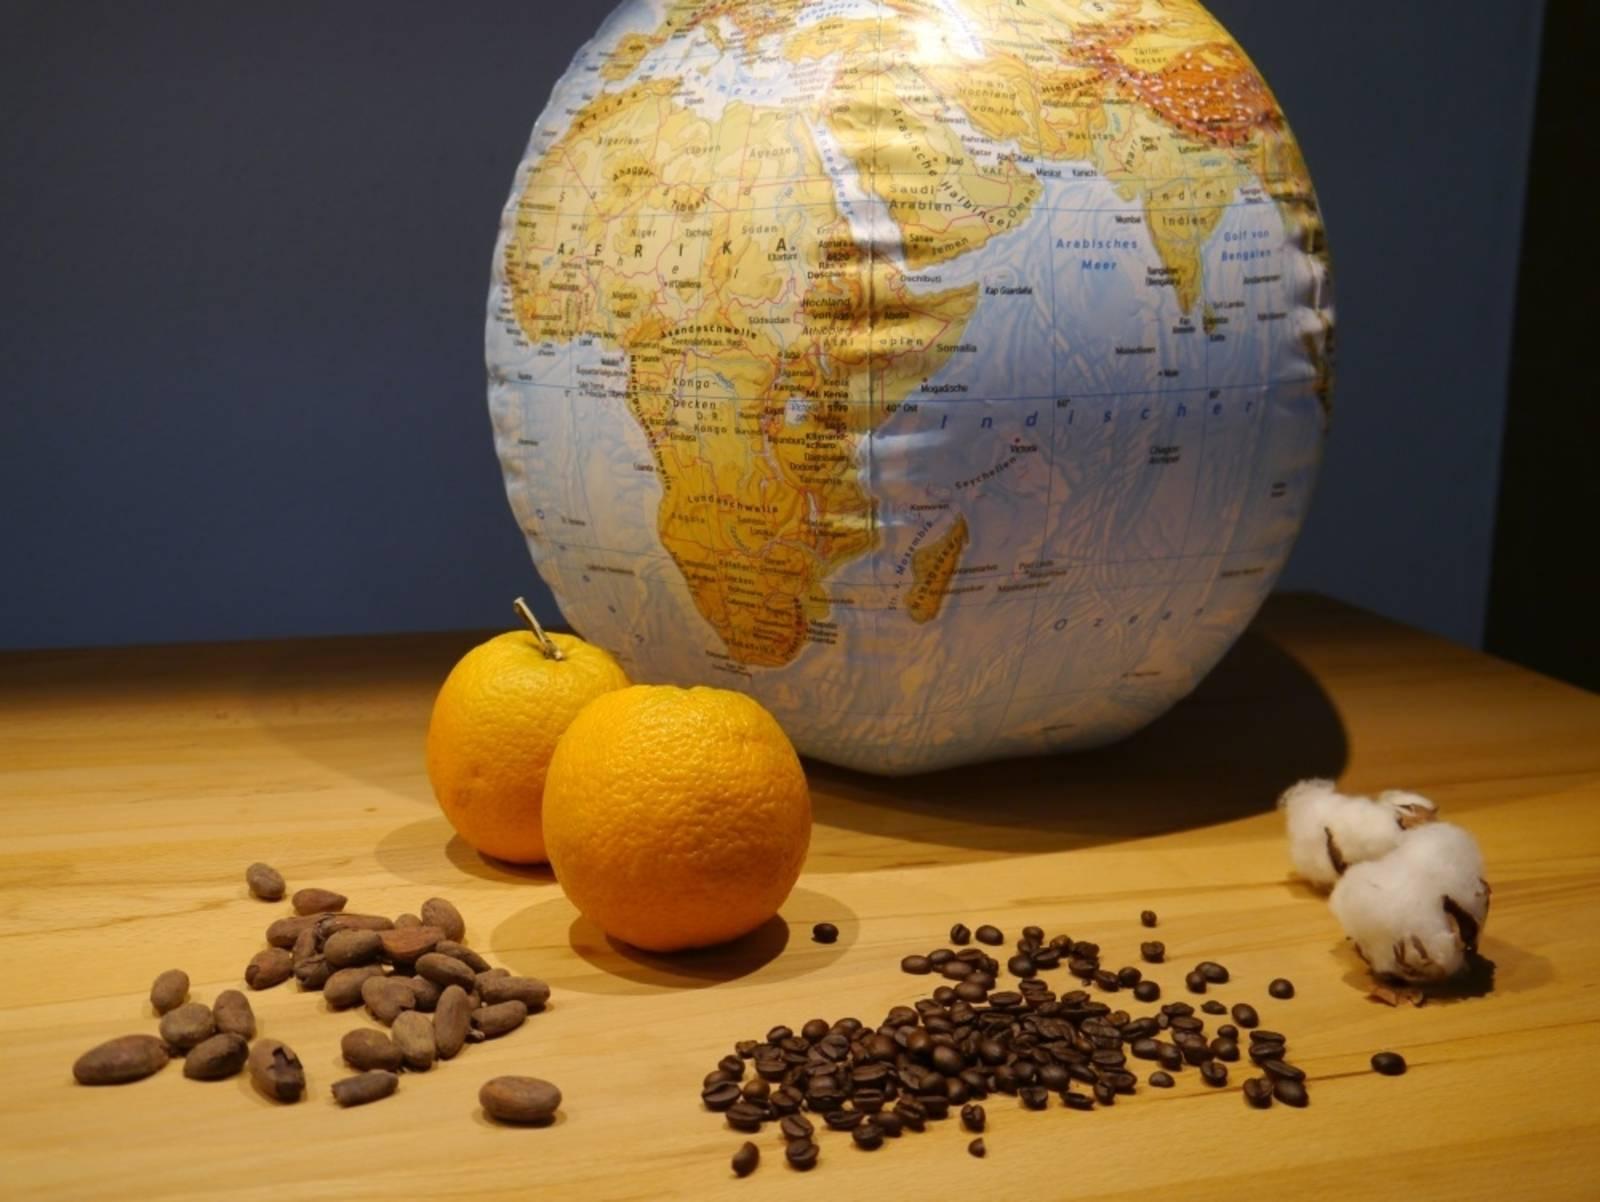 Ein Globus. Davor eine Orange, Baumwolle, Kaffeebohnen und Kakaobohnen.